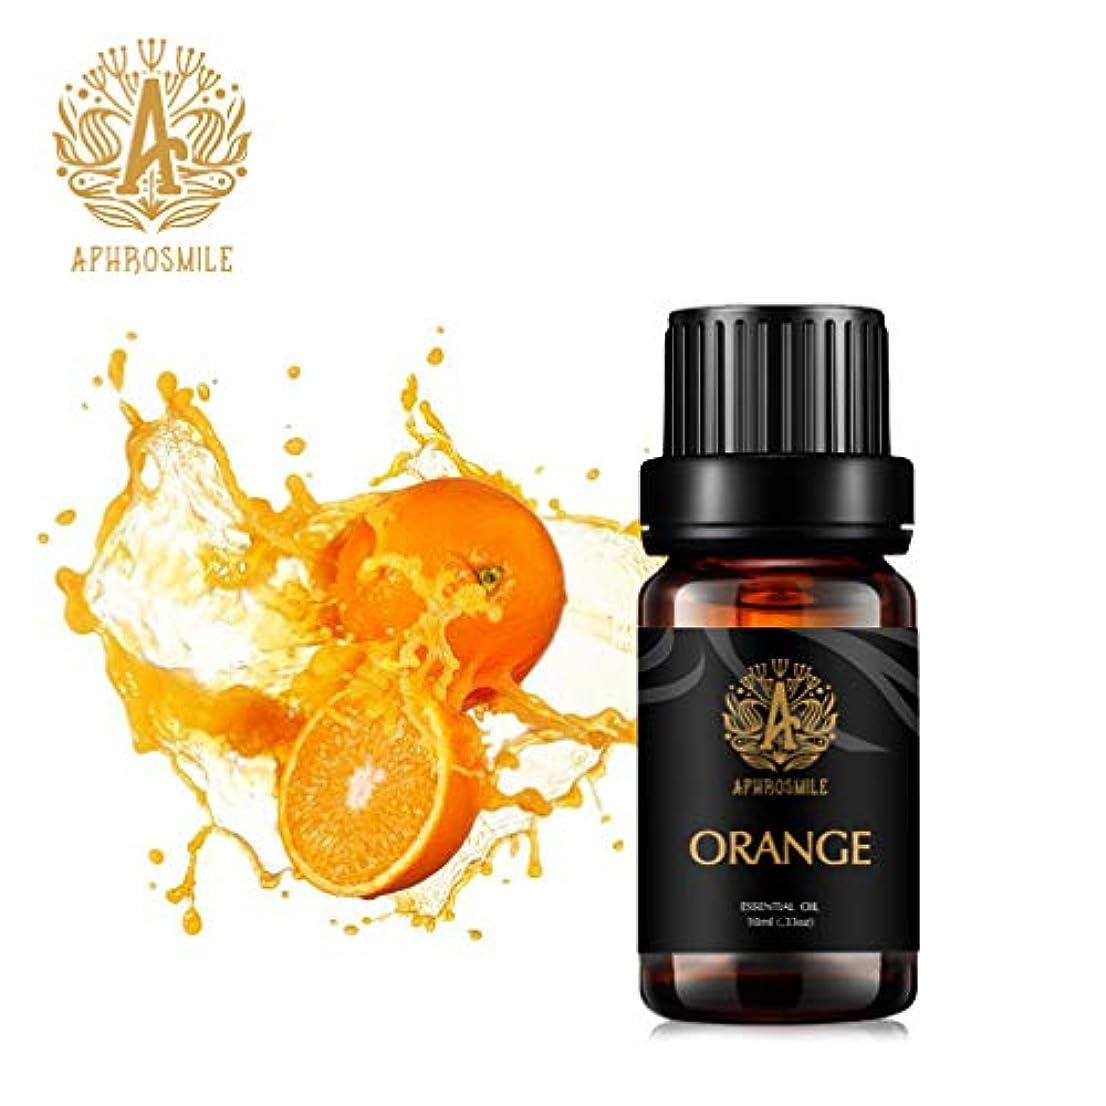 楽観爵方向オレンジエッセンシャルオイル、100%ピュアアロマエッセンシャルオイルオレンジ香り、怒りを和らげる、治療用グレードエッセンシャルオイルオレンジの香り、為にディフューザー、マッサージ、加湿器、デイリーケア、0.33オンス-...